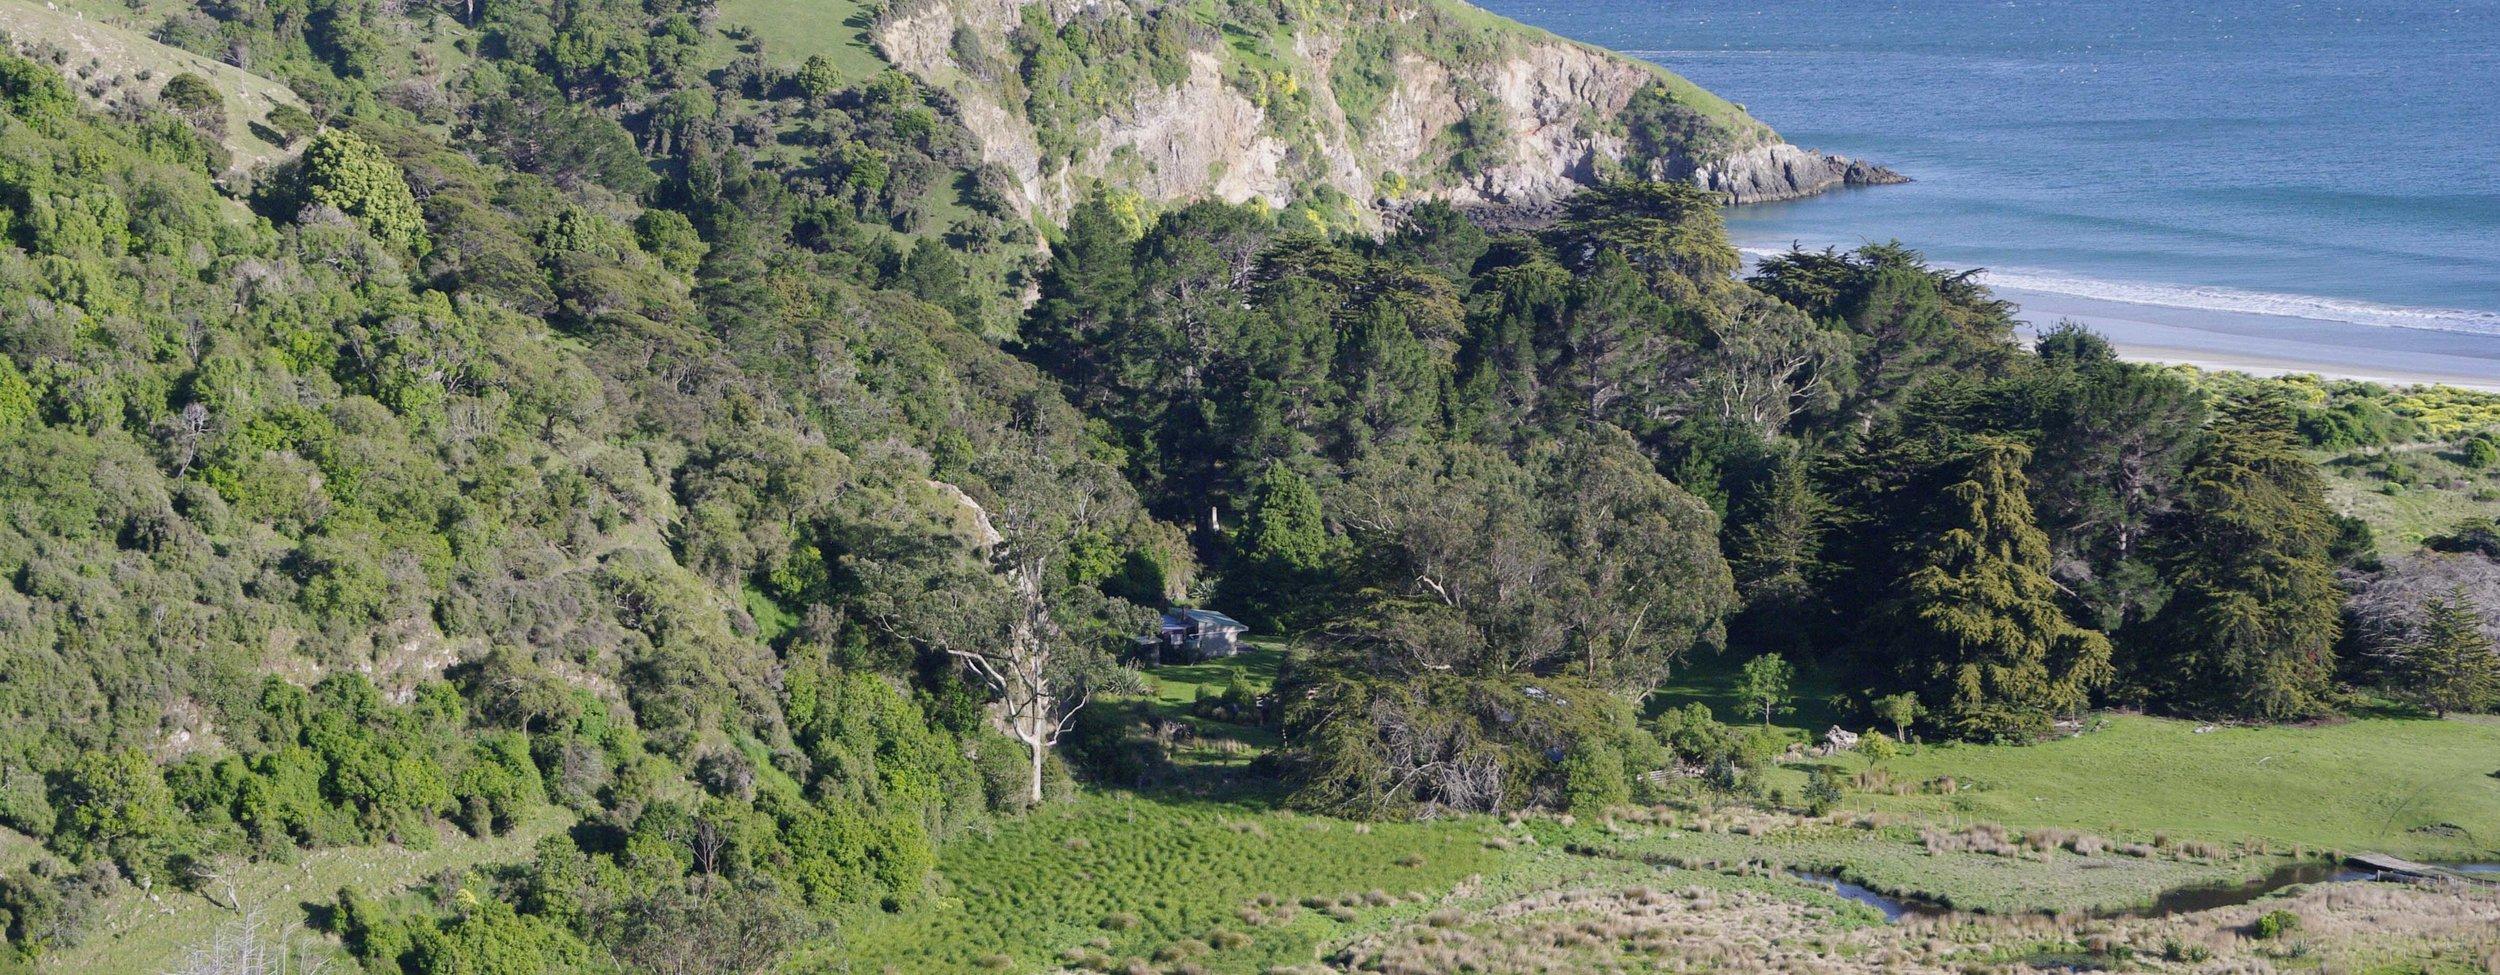 whareakeake wetland small.jpg